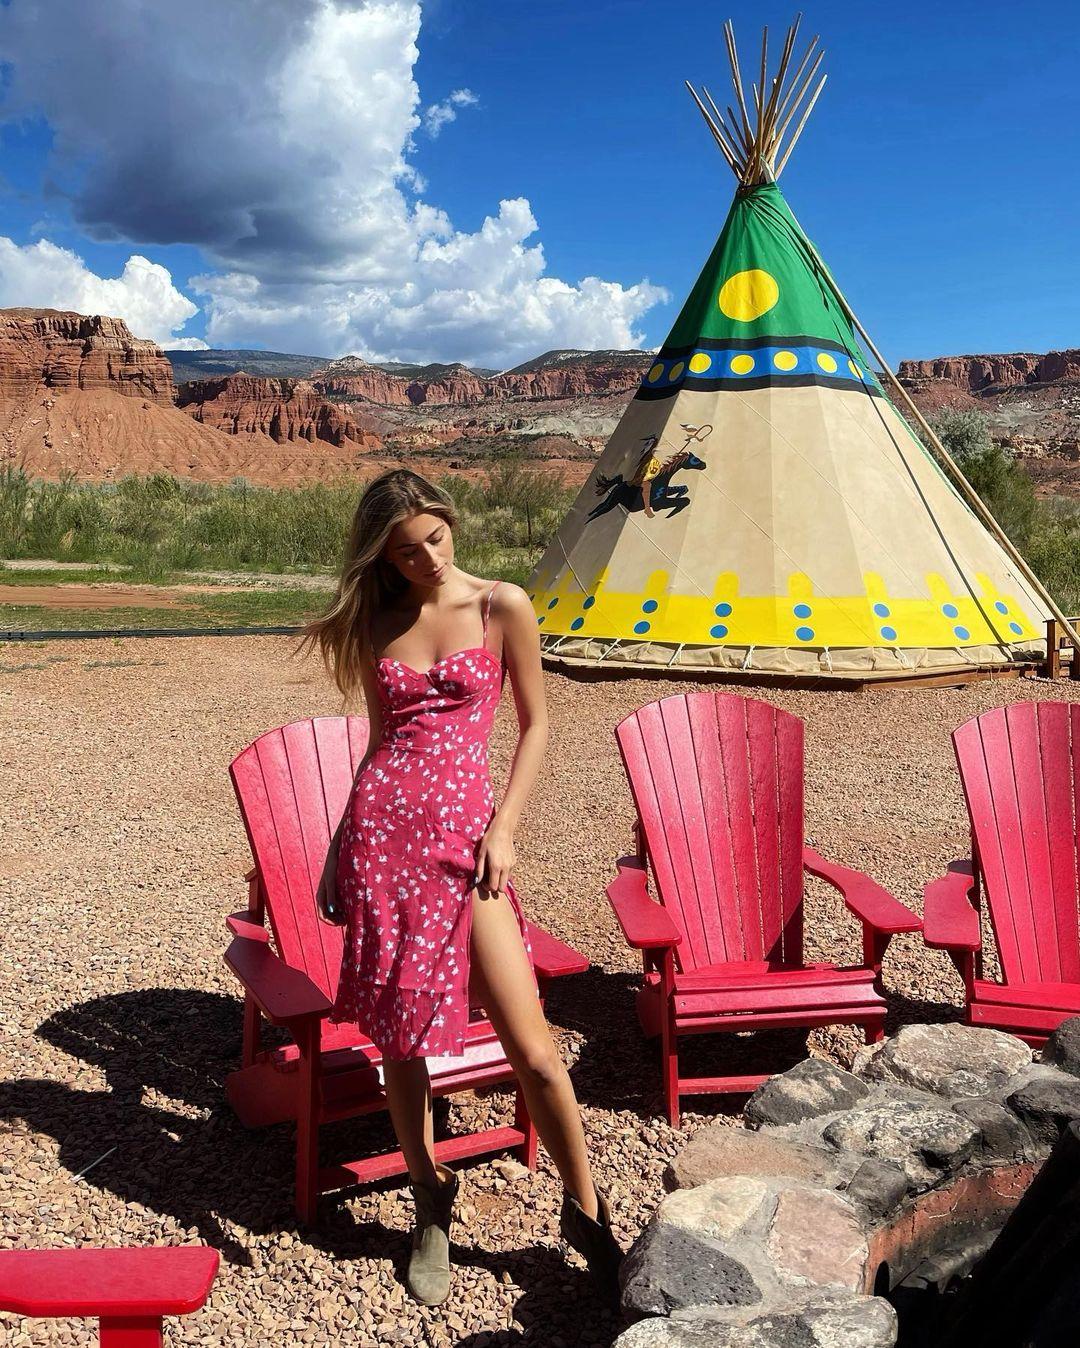 American dream: как София Евдокименко отпраздновала 20-летие